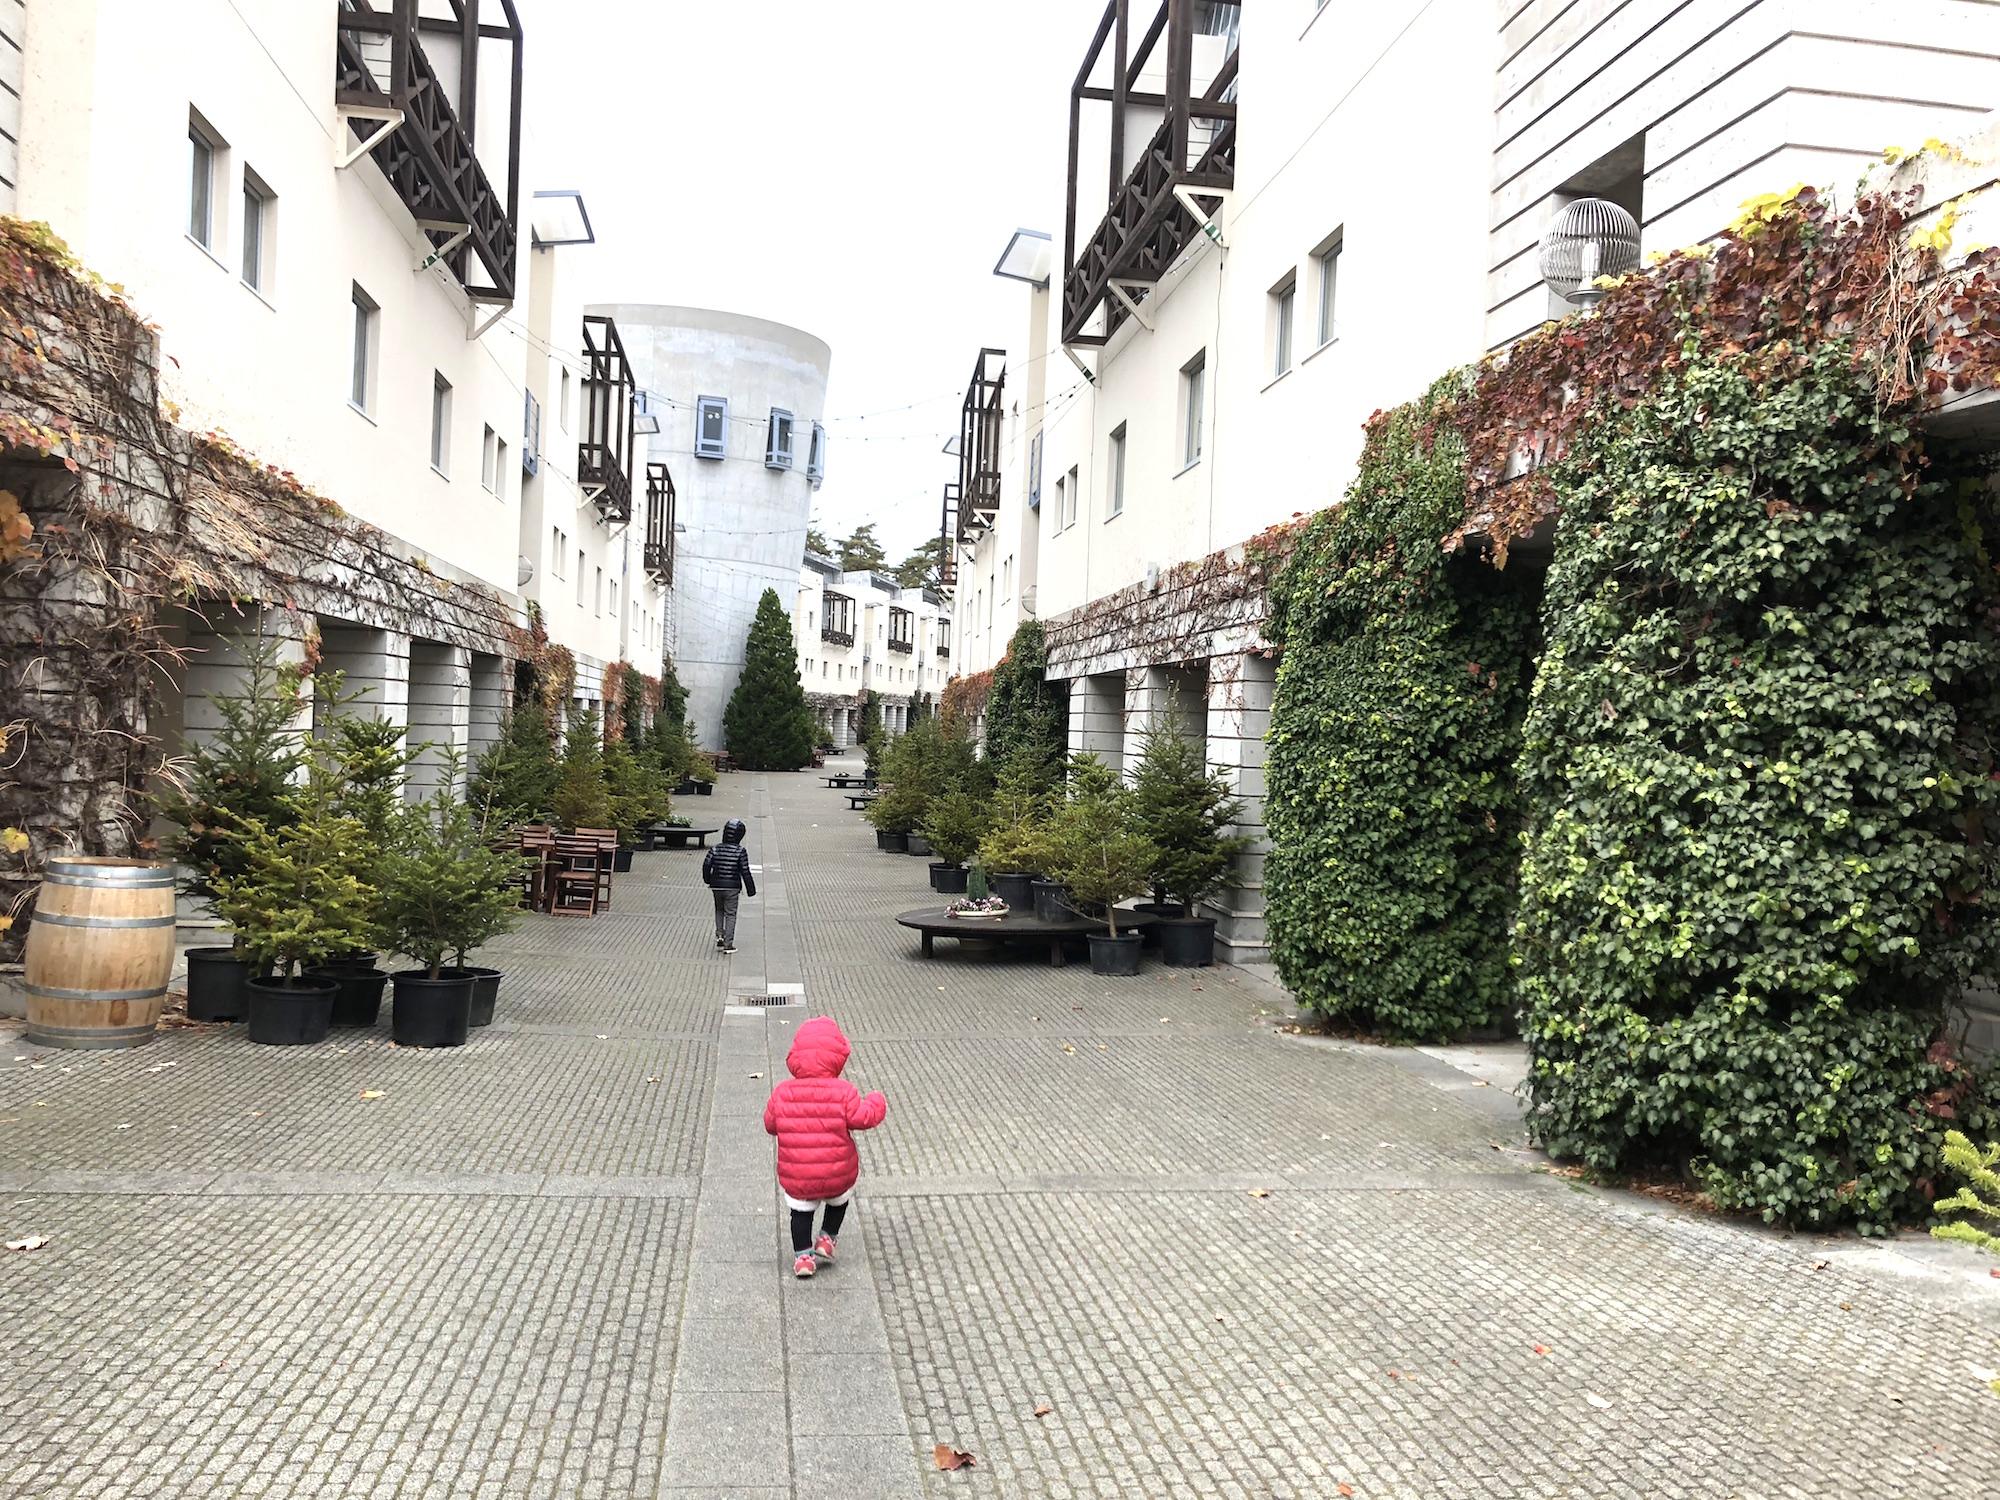 八ヶ岳 星野 リゾート 【子連れ旅行】星野リゾート・リゾナーレ八ヶ岳に1歳児と宿泊しました